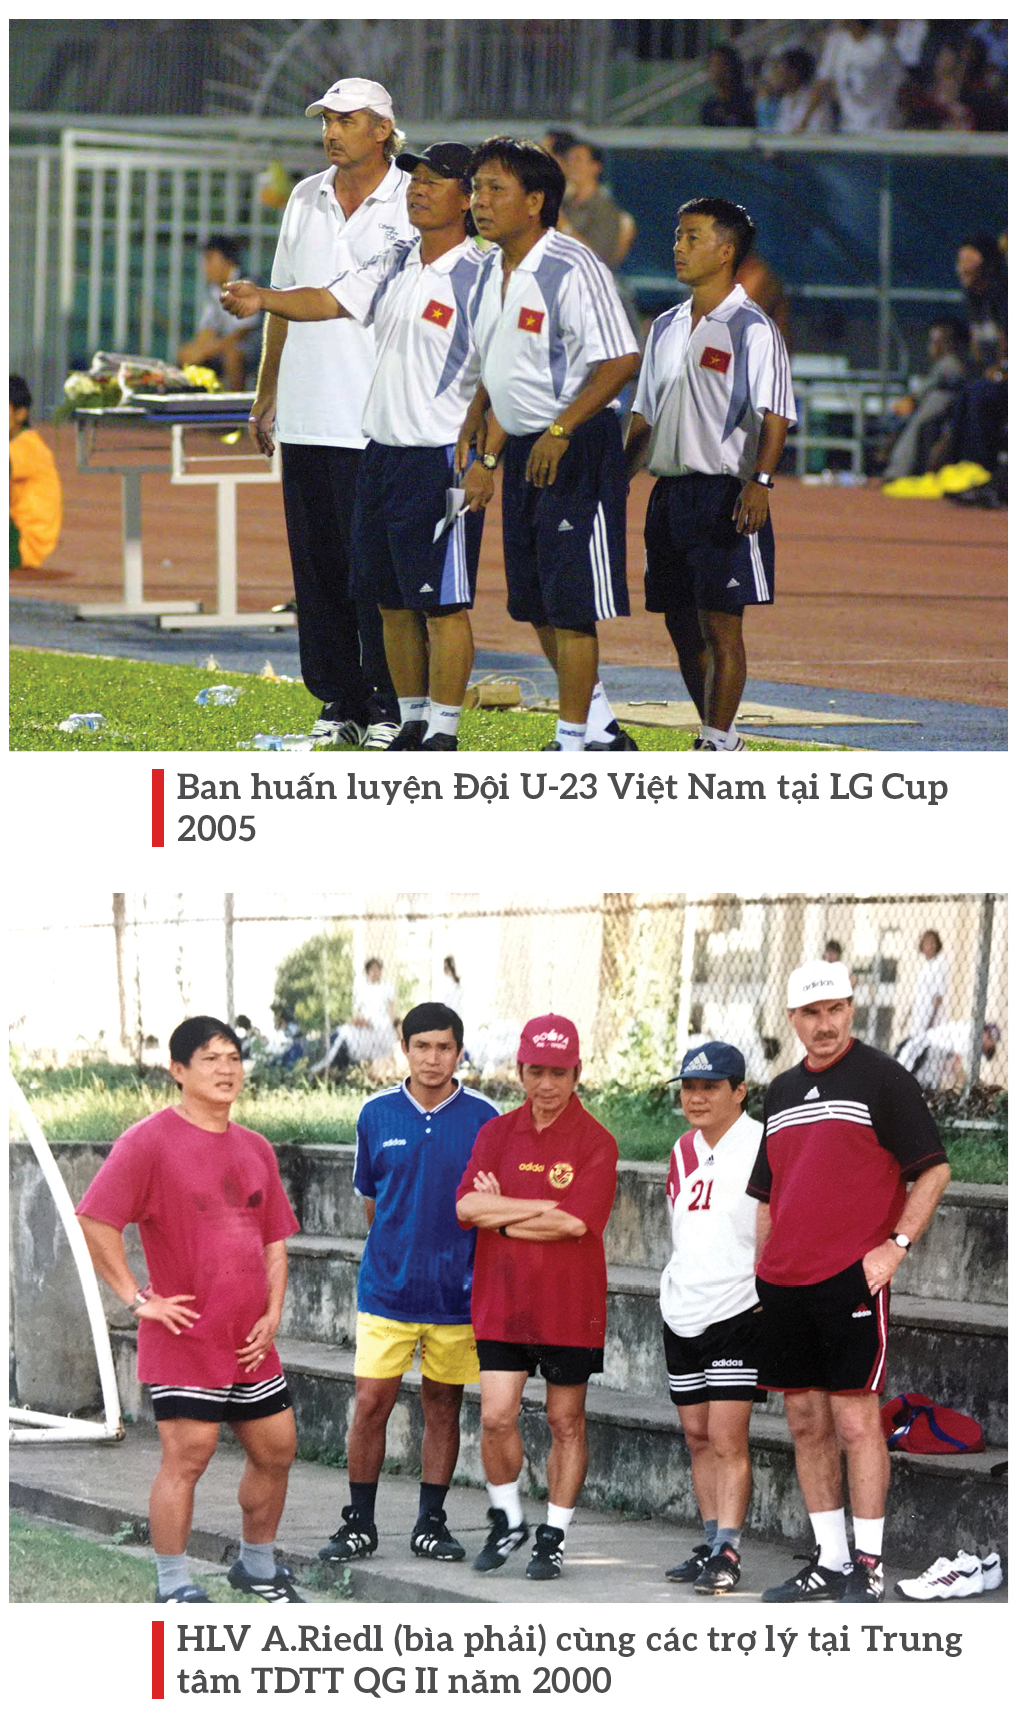 Hành trình 9 năm của ông Alfred Riedl với bóng đá Việt Nam ảnh 7